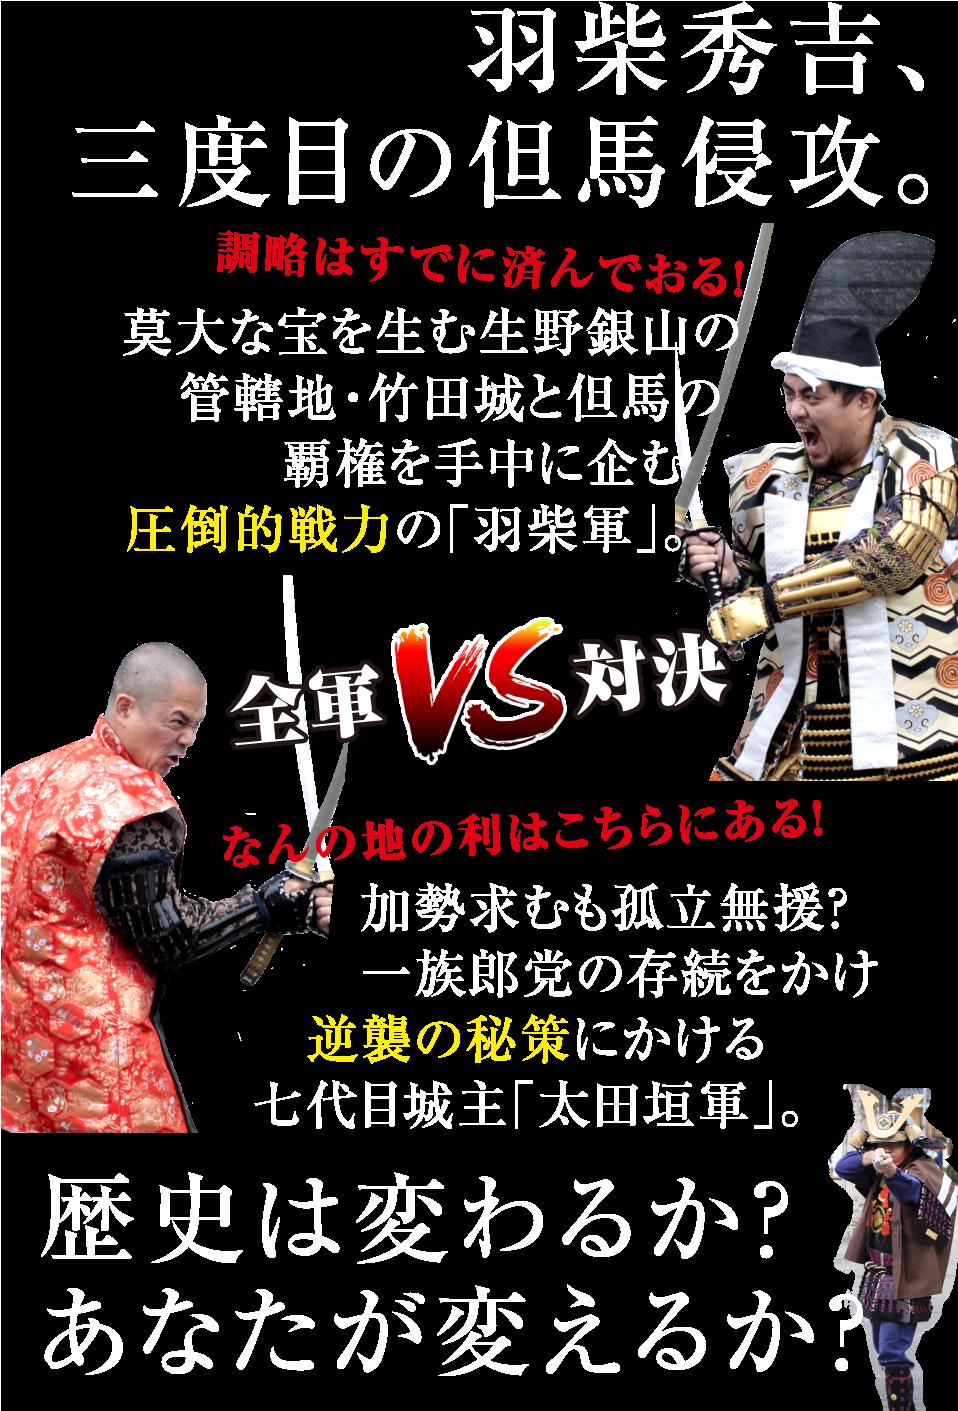 全軍vs対決